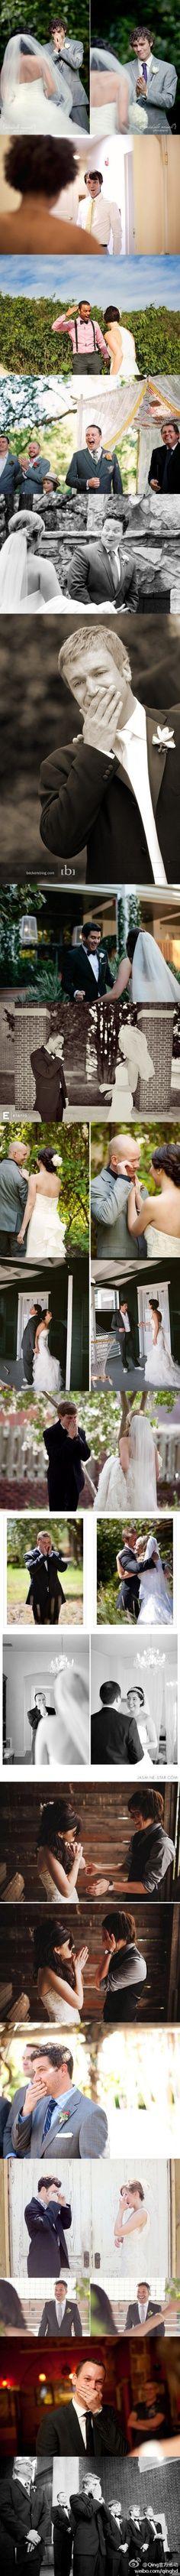 idee per il matrimonio - idea fotografica. foto alla prima espressione dello sposo alla vista della sposa